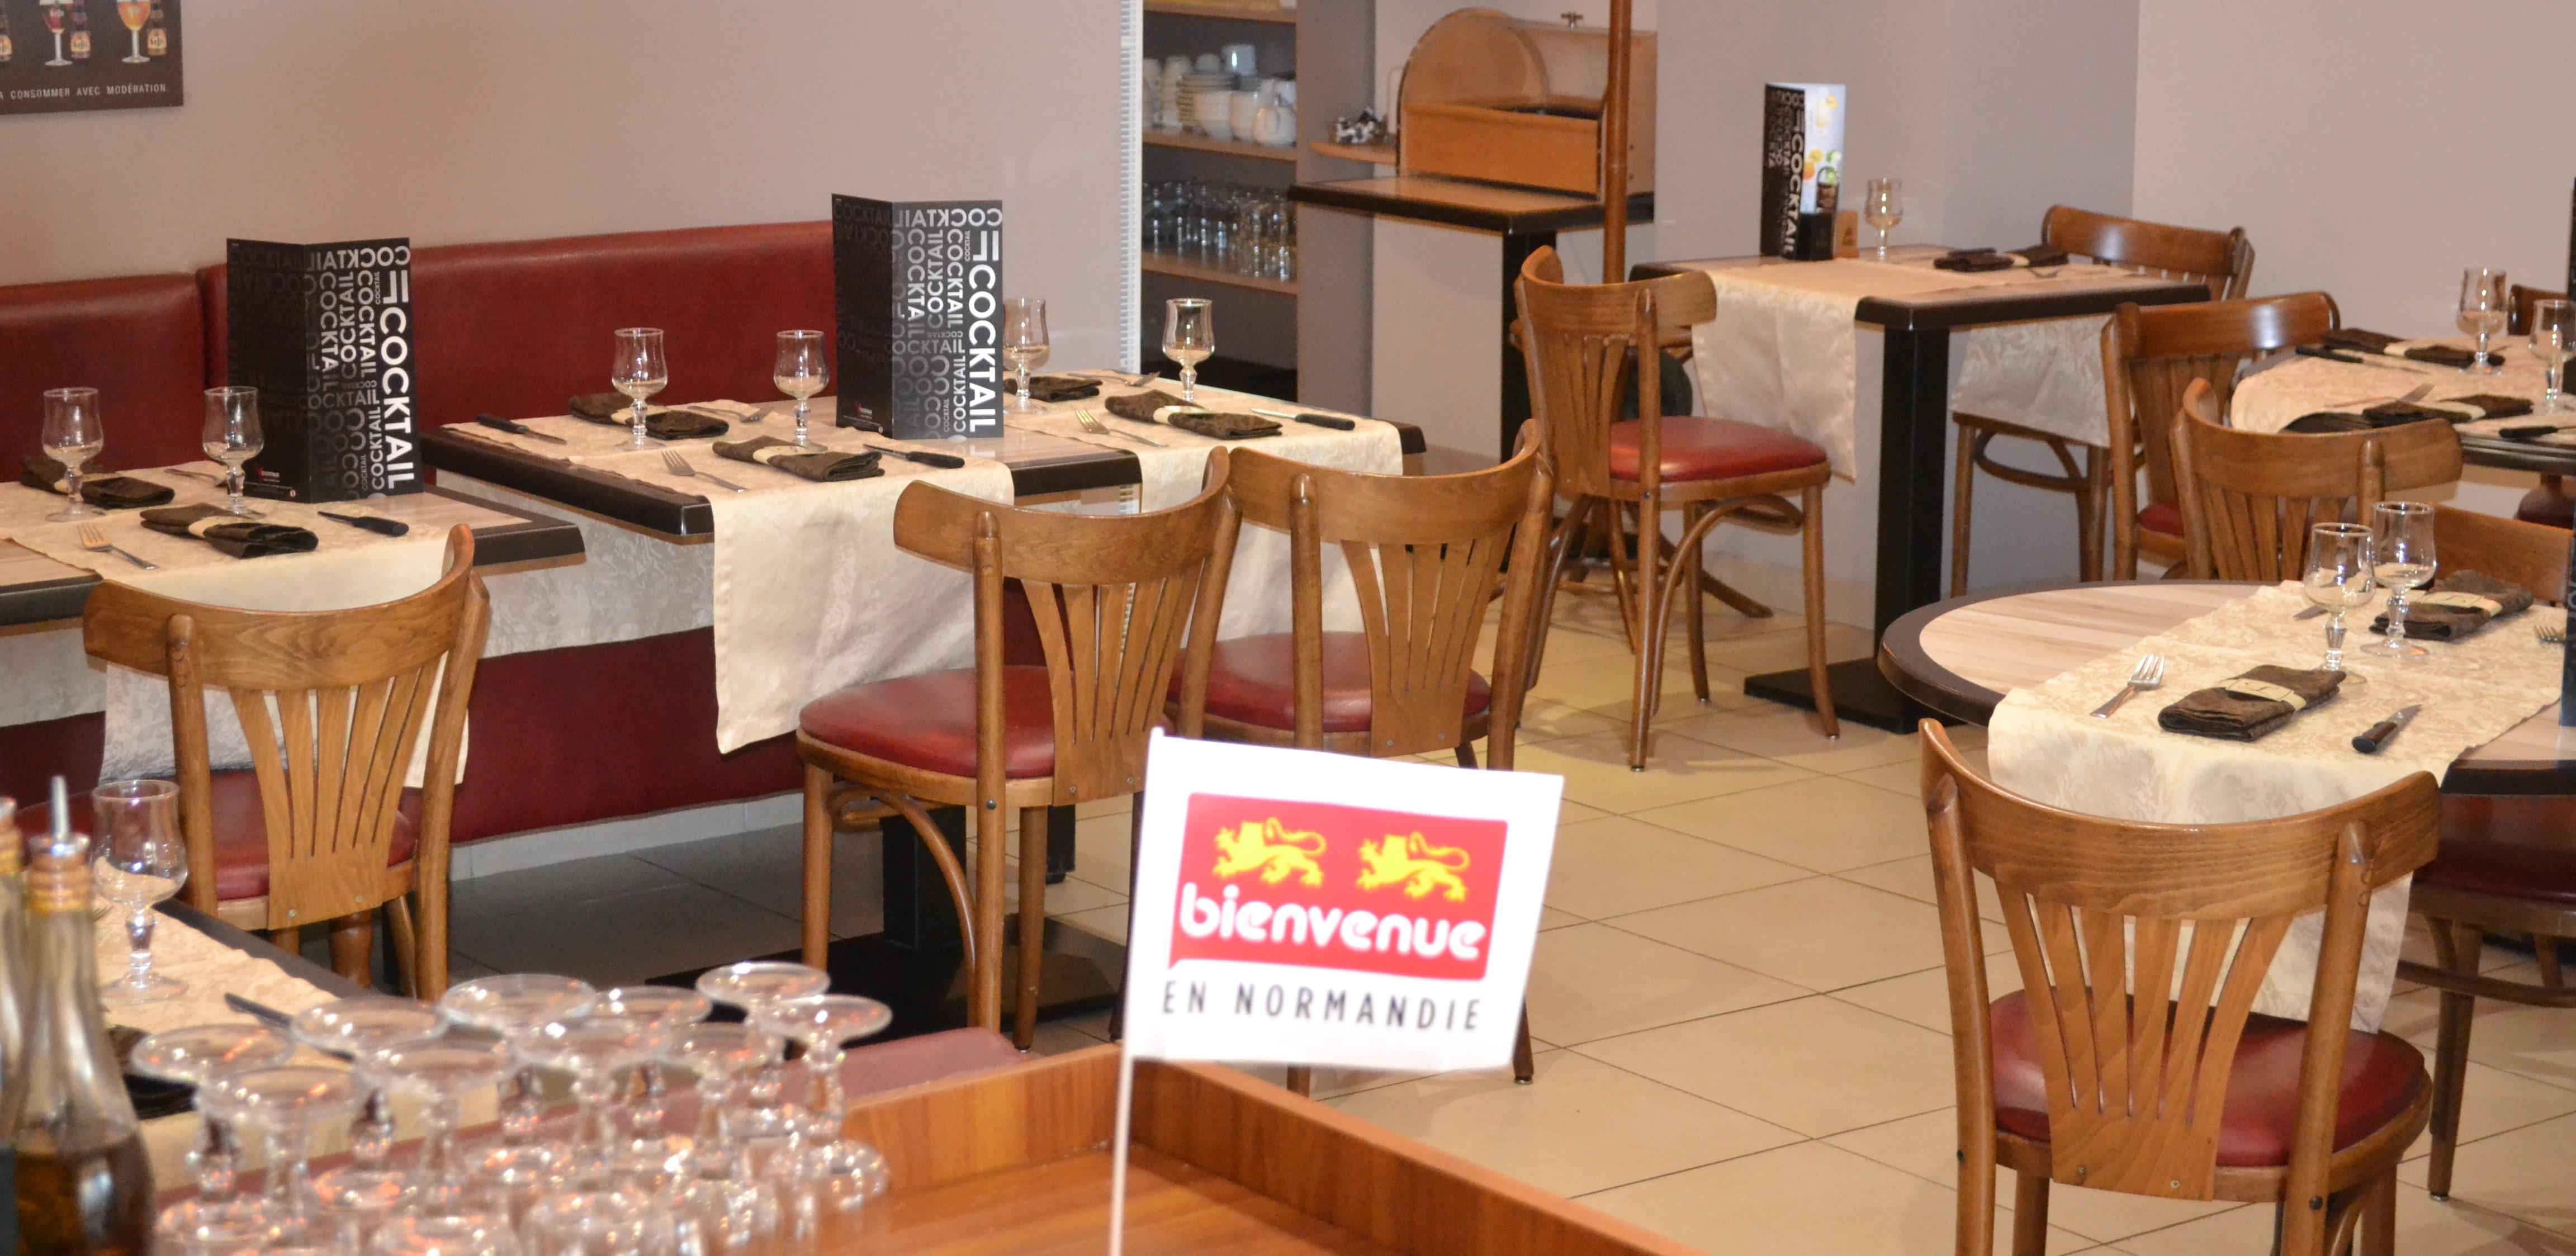 Logis hôtel situé dans le centre de Bolbec,  à 20 km de Caudebec en Caux